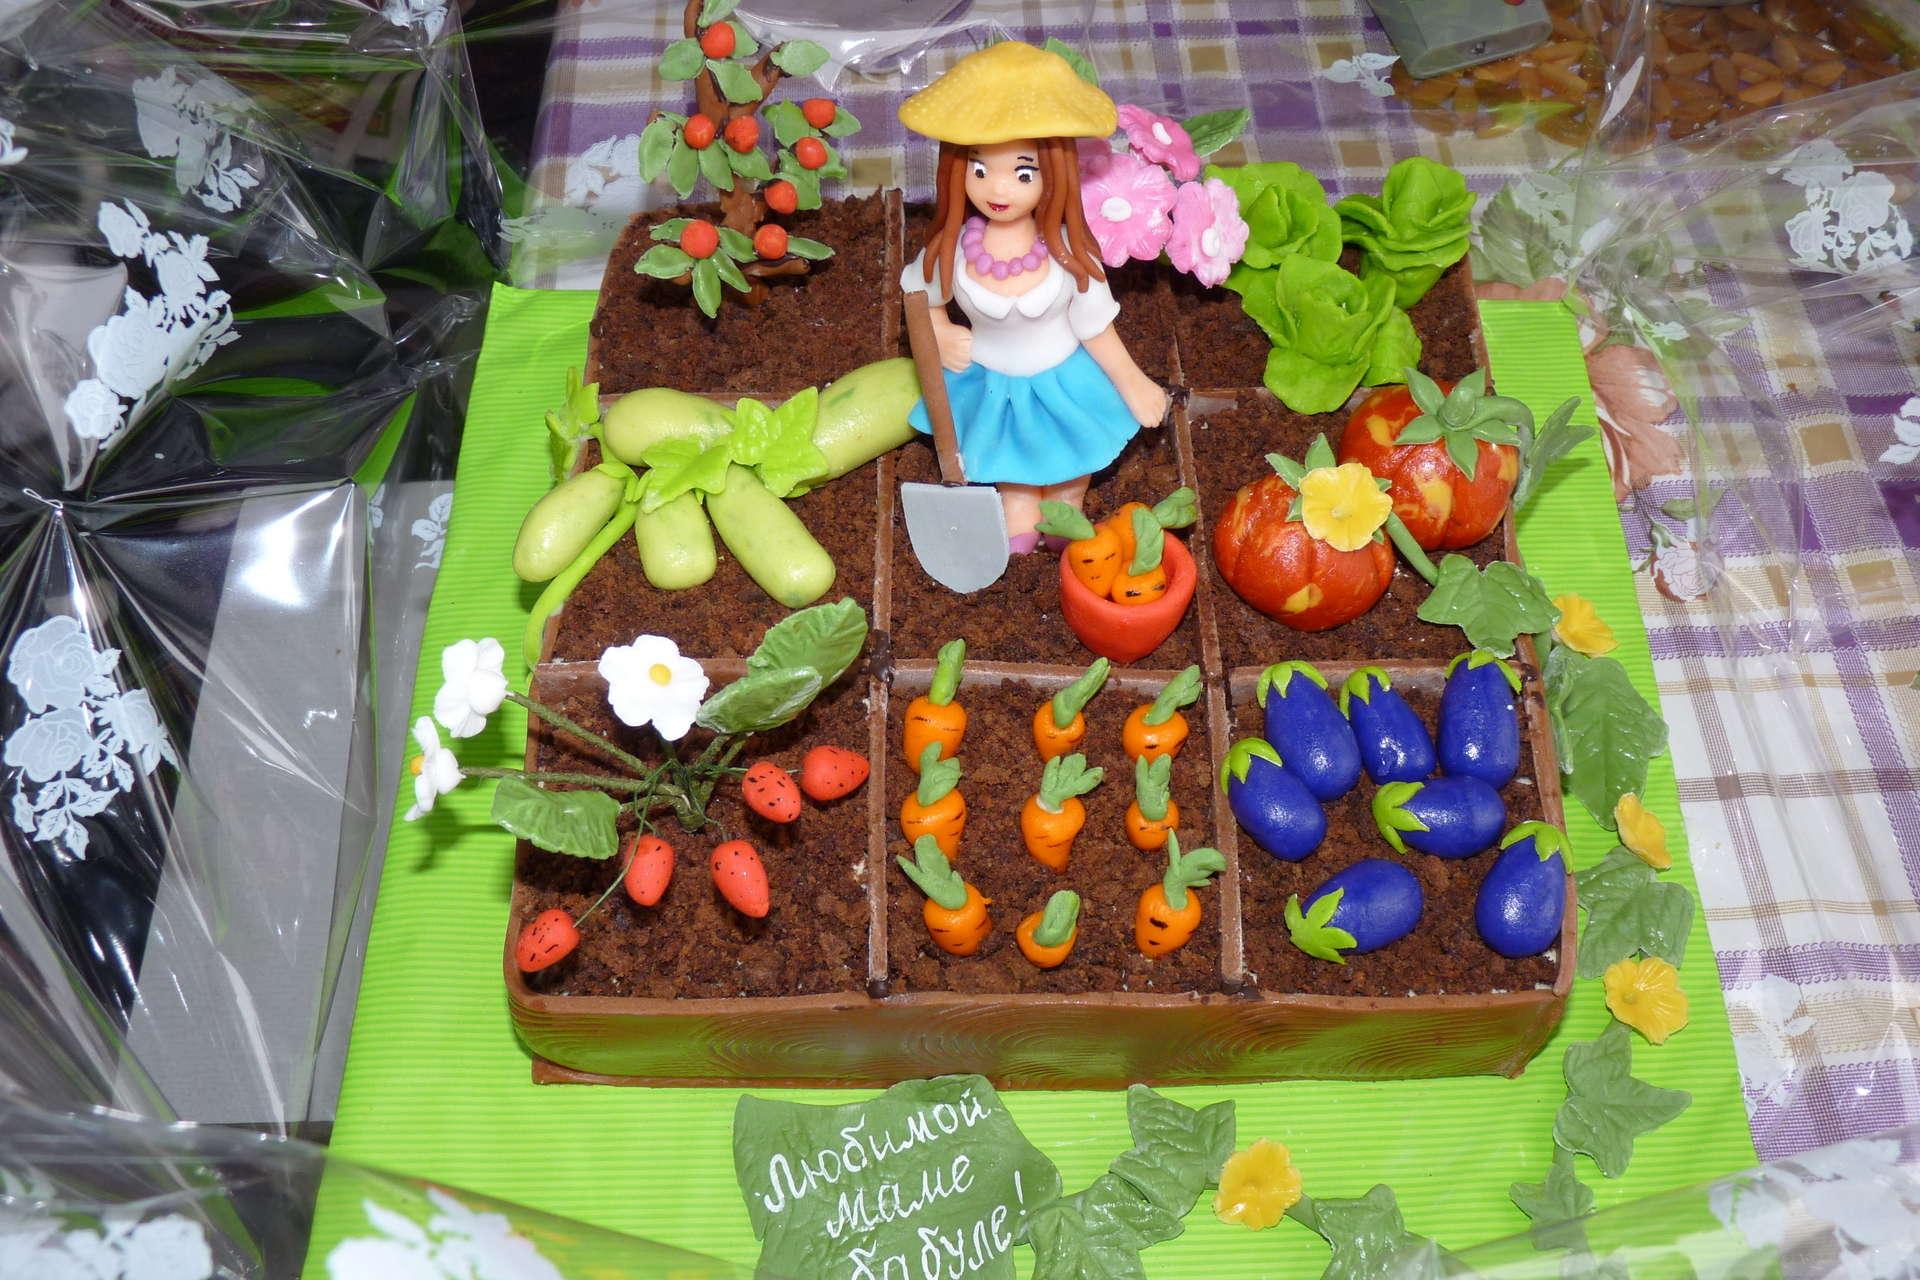 Картинки прикольных тортиков на огородную тему, попугаями картинка мая